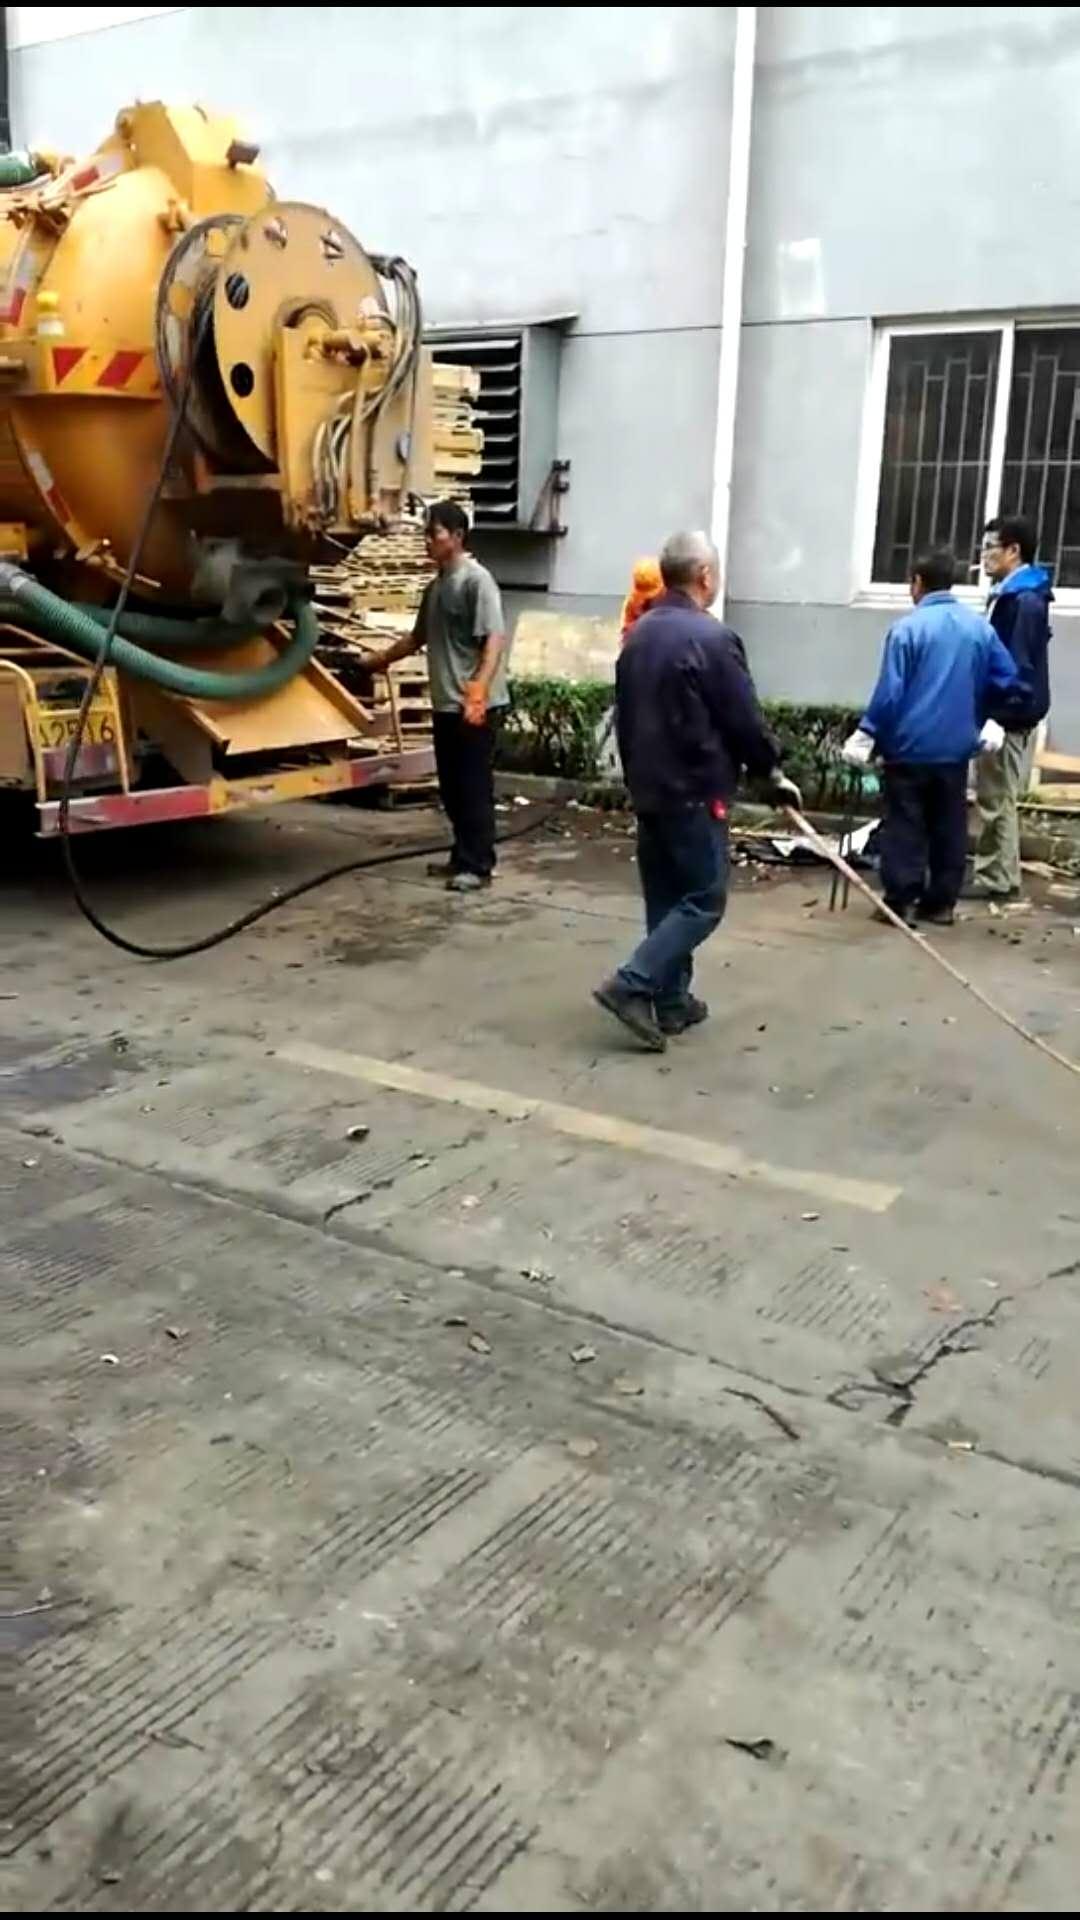 上海专业工厂排污管道清洗